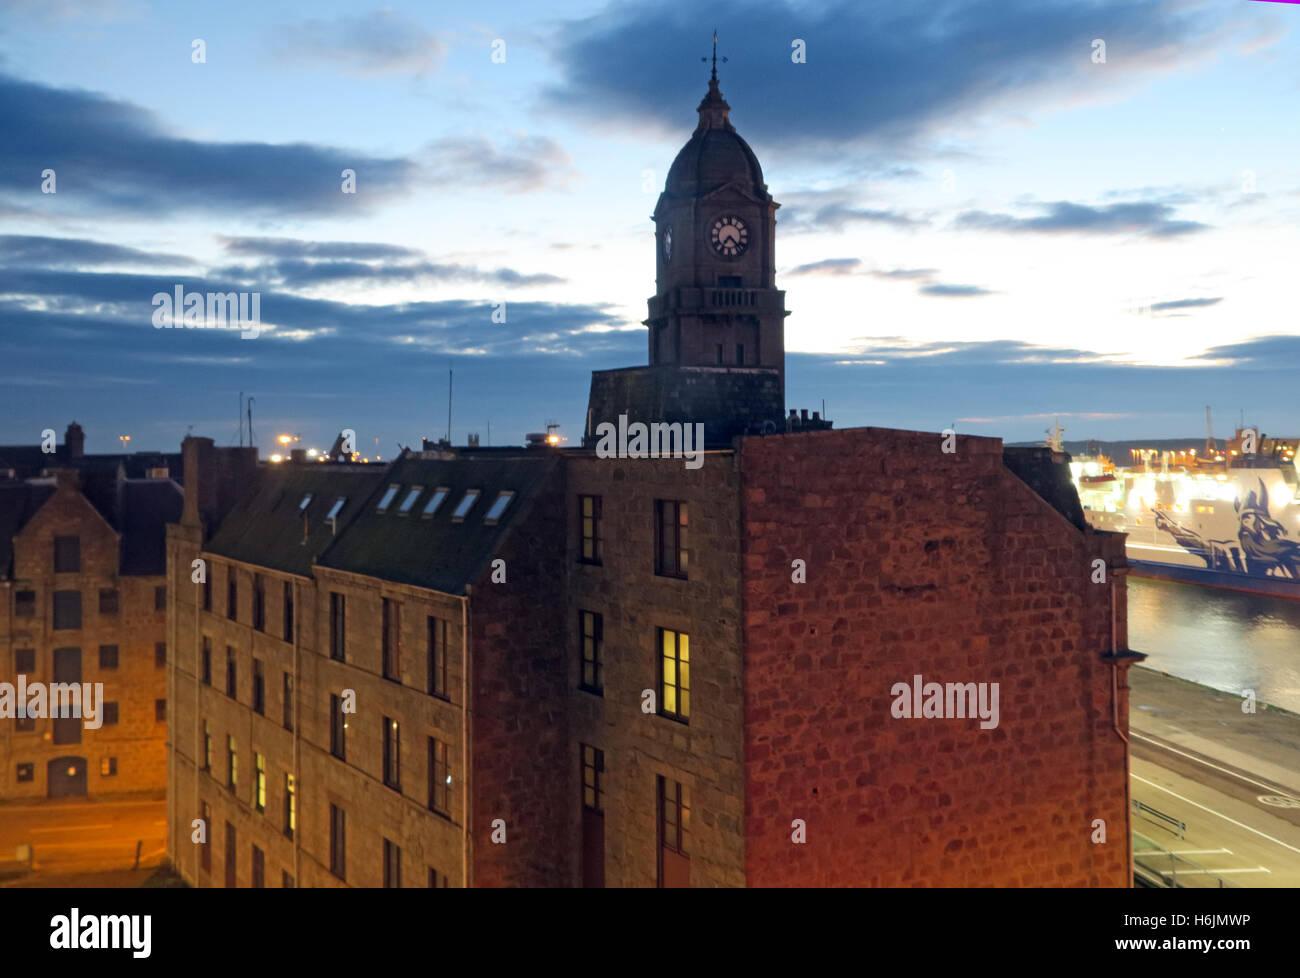 Laden Sie dieses Alamy Stockfoto Aberdeen Hafen bei Nacht, Aberdeenshire, Schottland, UK - H6JMWP